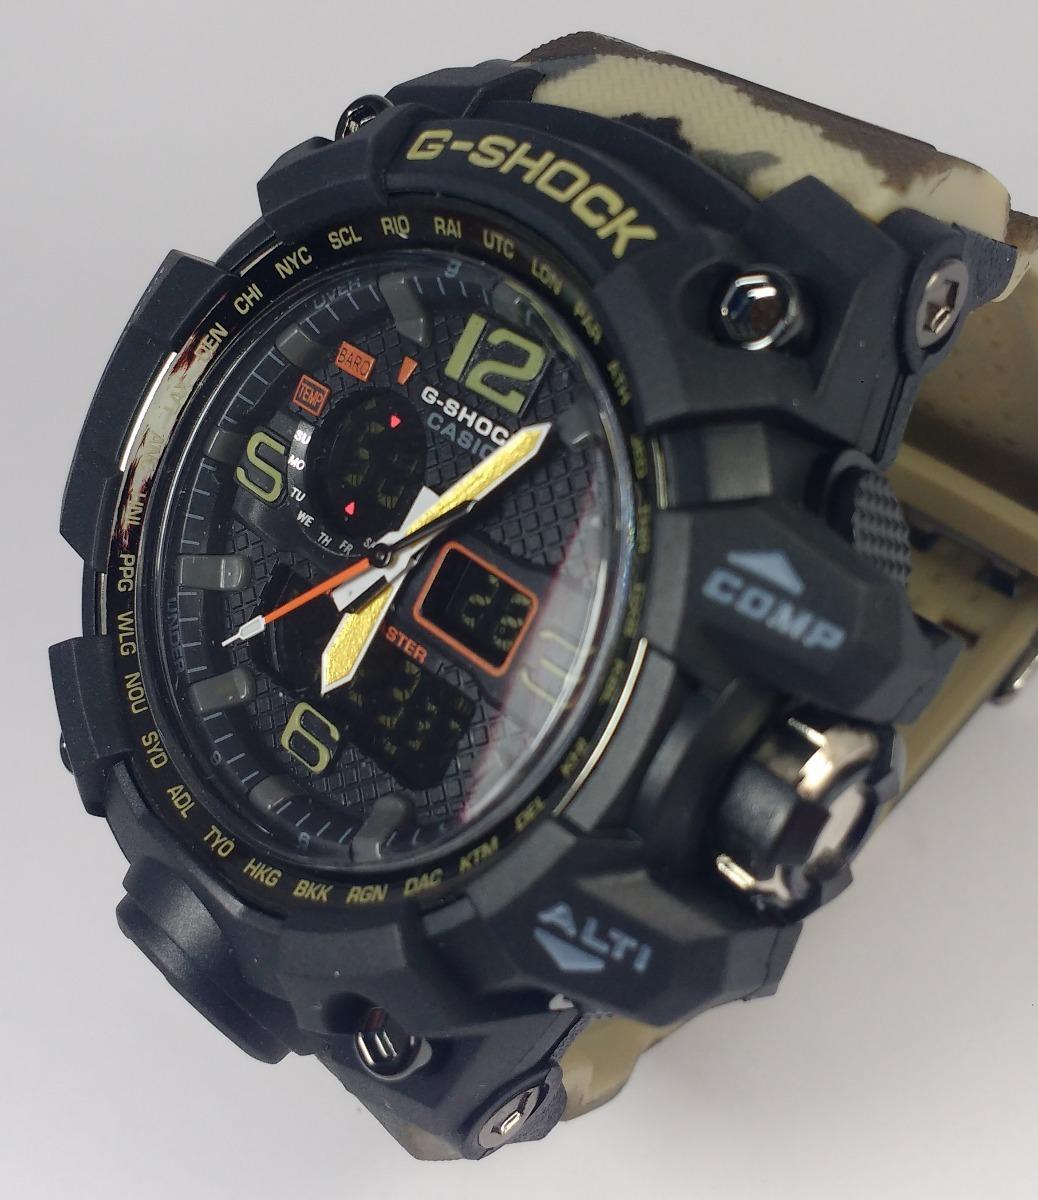 4cd80e8ea34 relógio masculino g shock camuflado promoção. Carregando zoom.